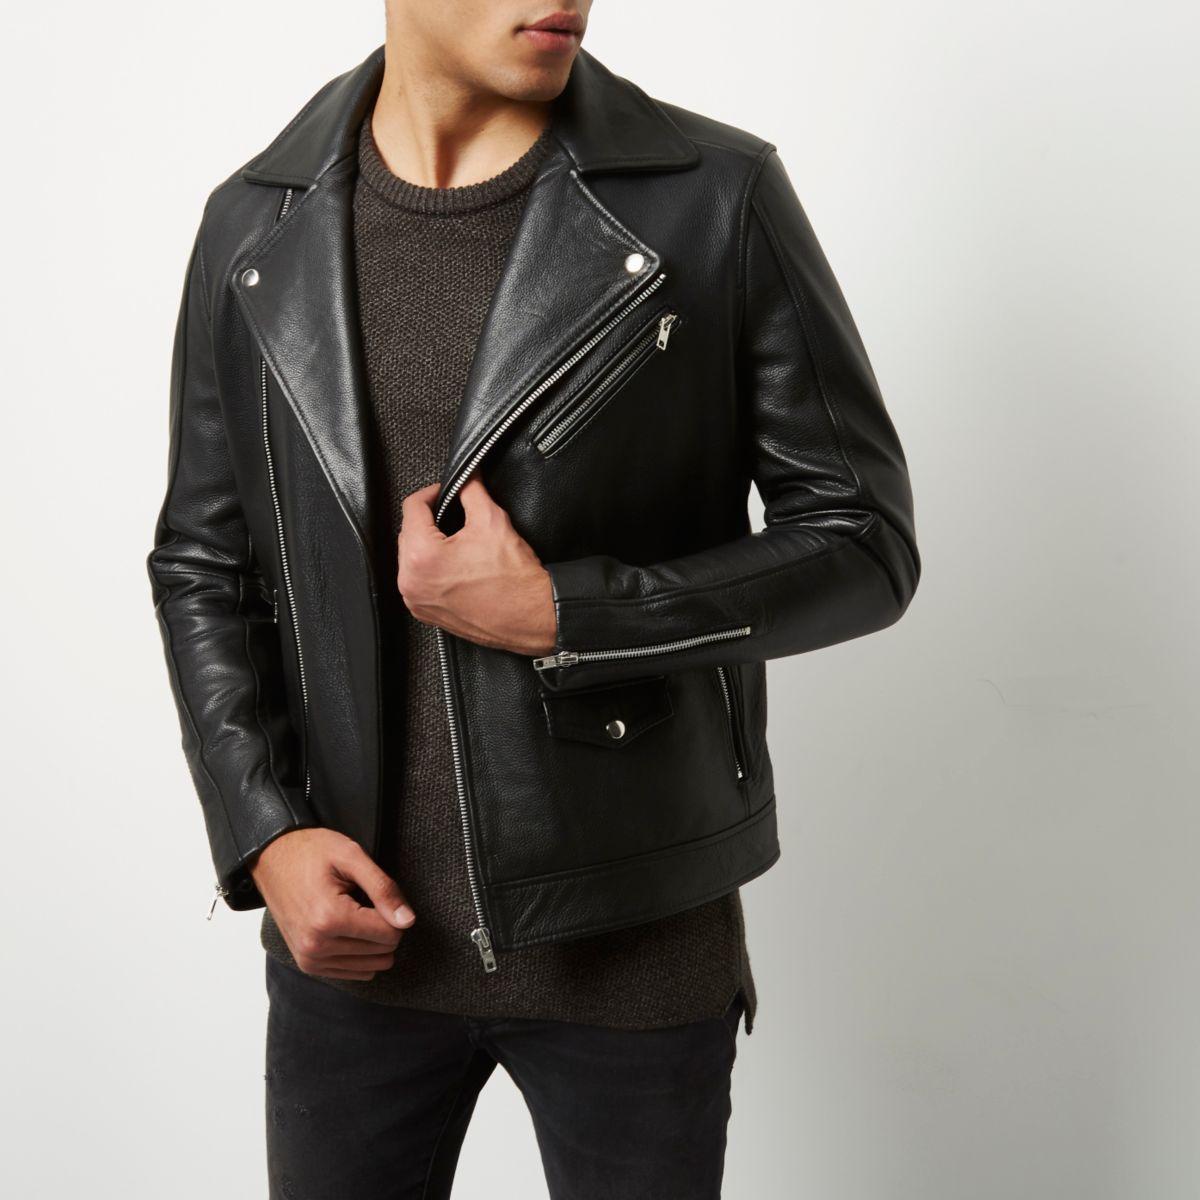 Perfecto en cuir noir